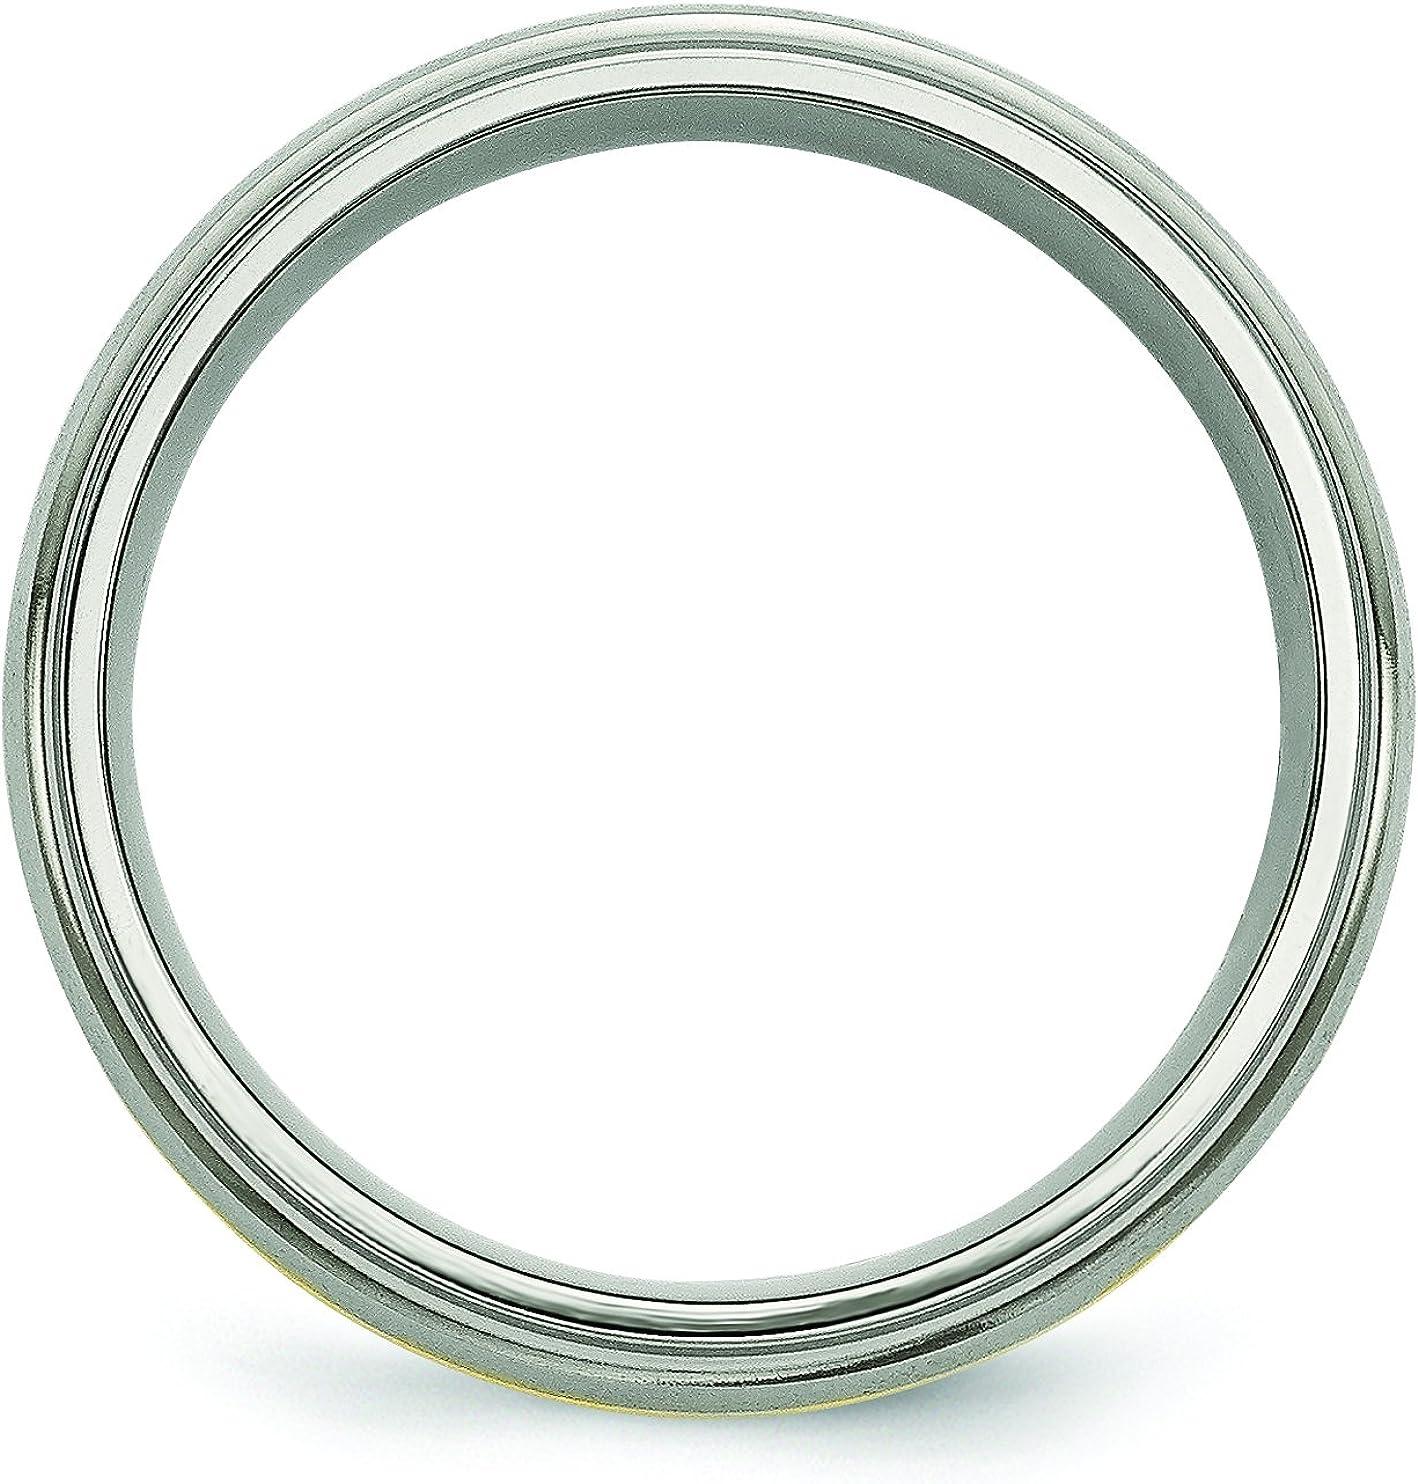 Jewelry Pot Titanium 8mm Brushed Polished Engravable Band